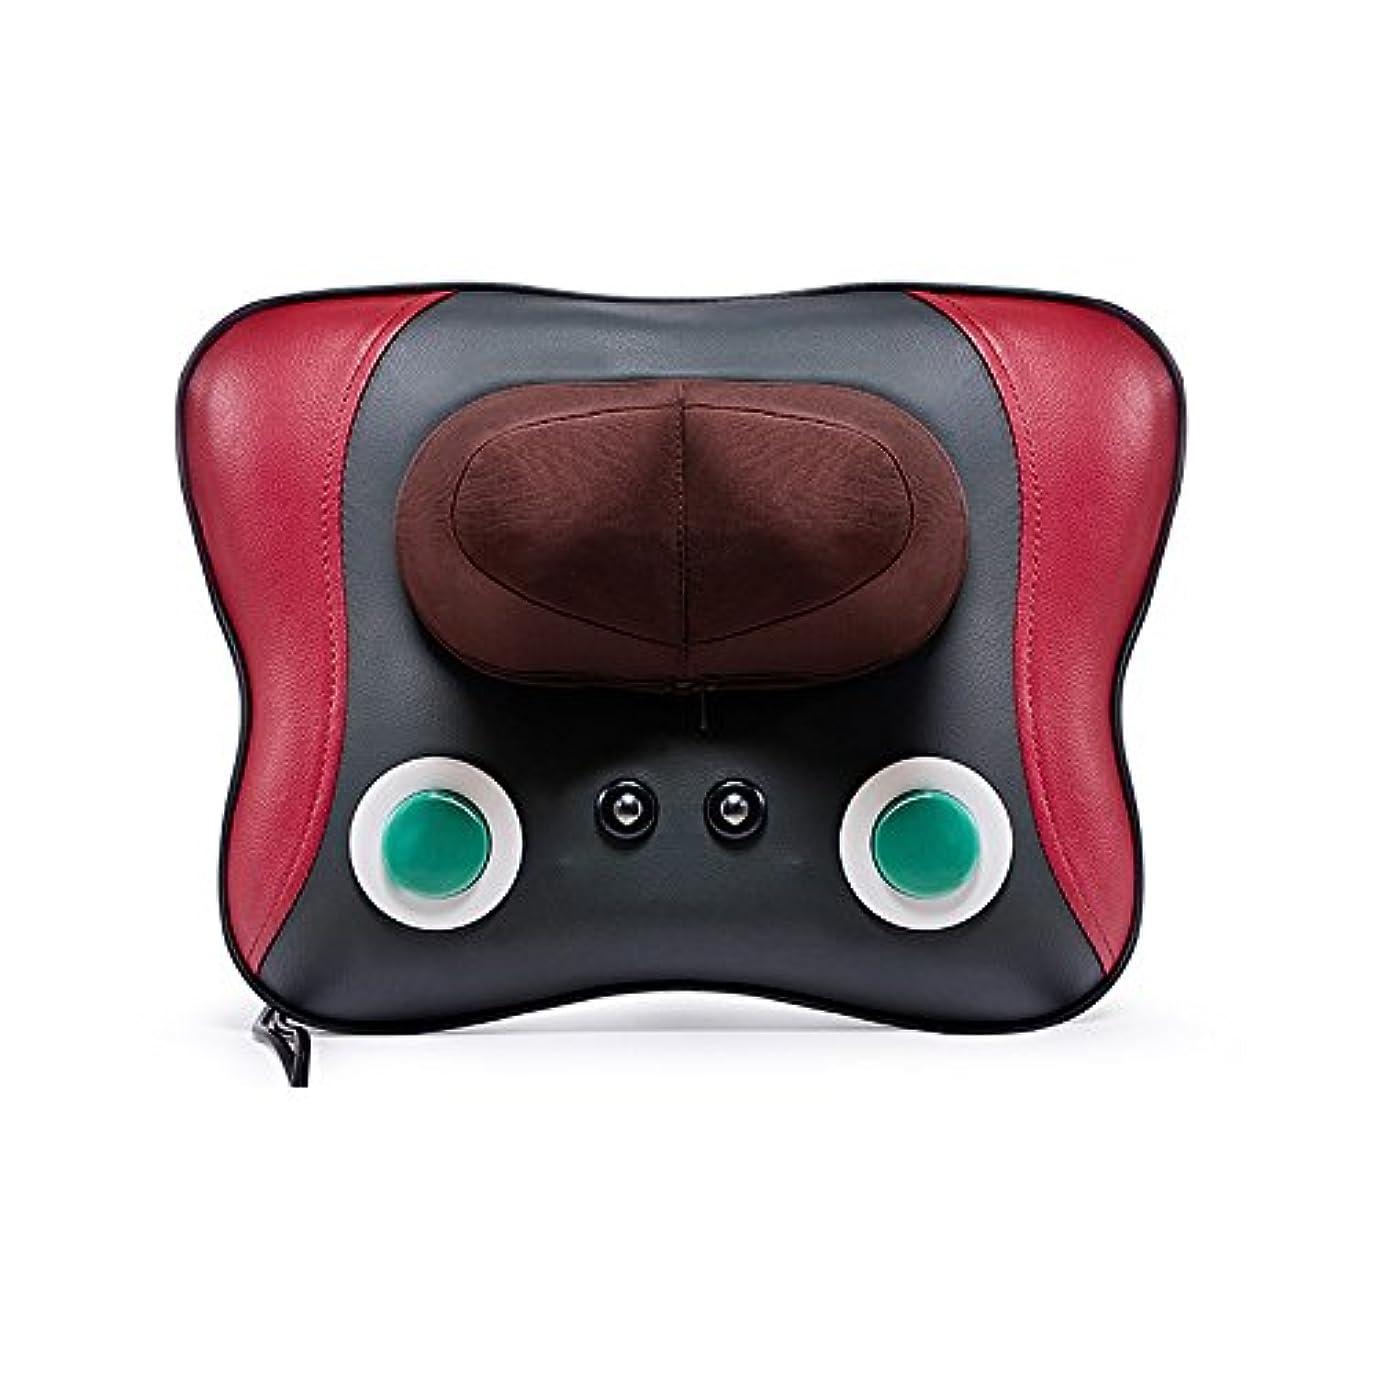 HAIZHEN マッサージチェア フルボディマッサージ器電動式指圧混じり指圧リウマチ痛緩和足の痛み緩和 (色 : C)